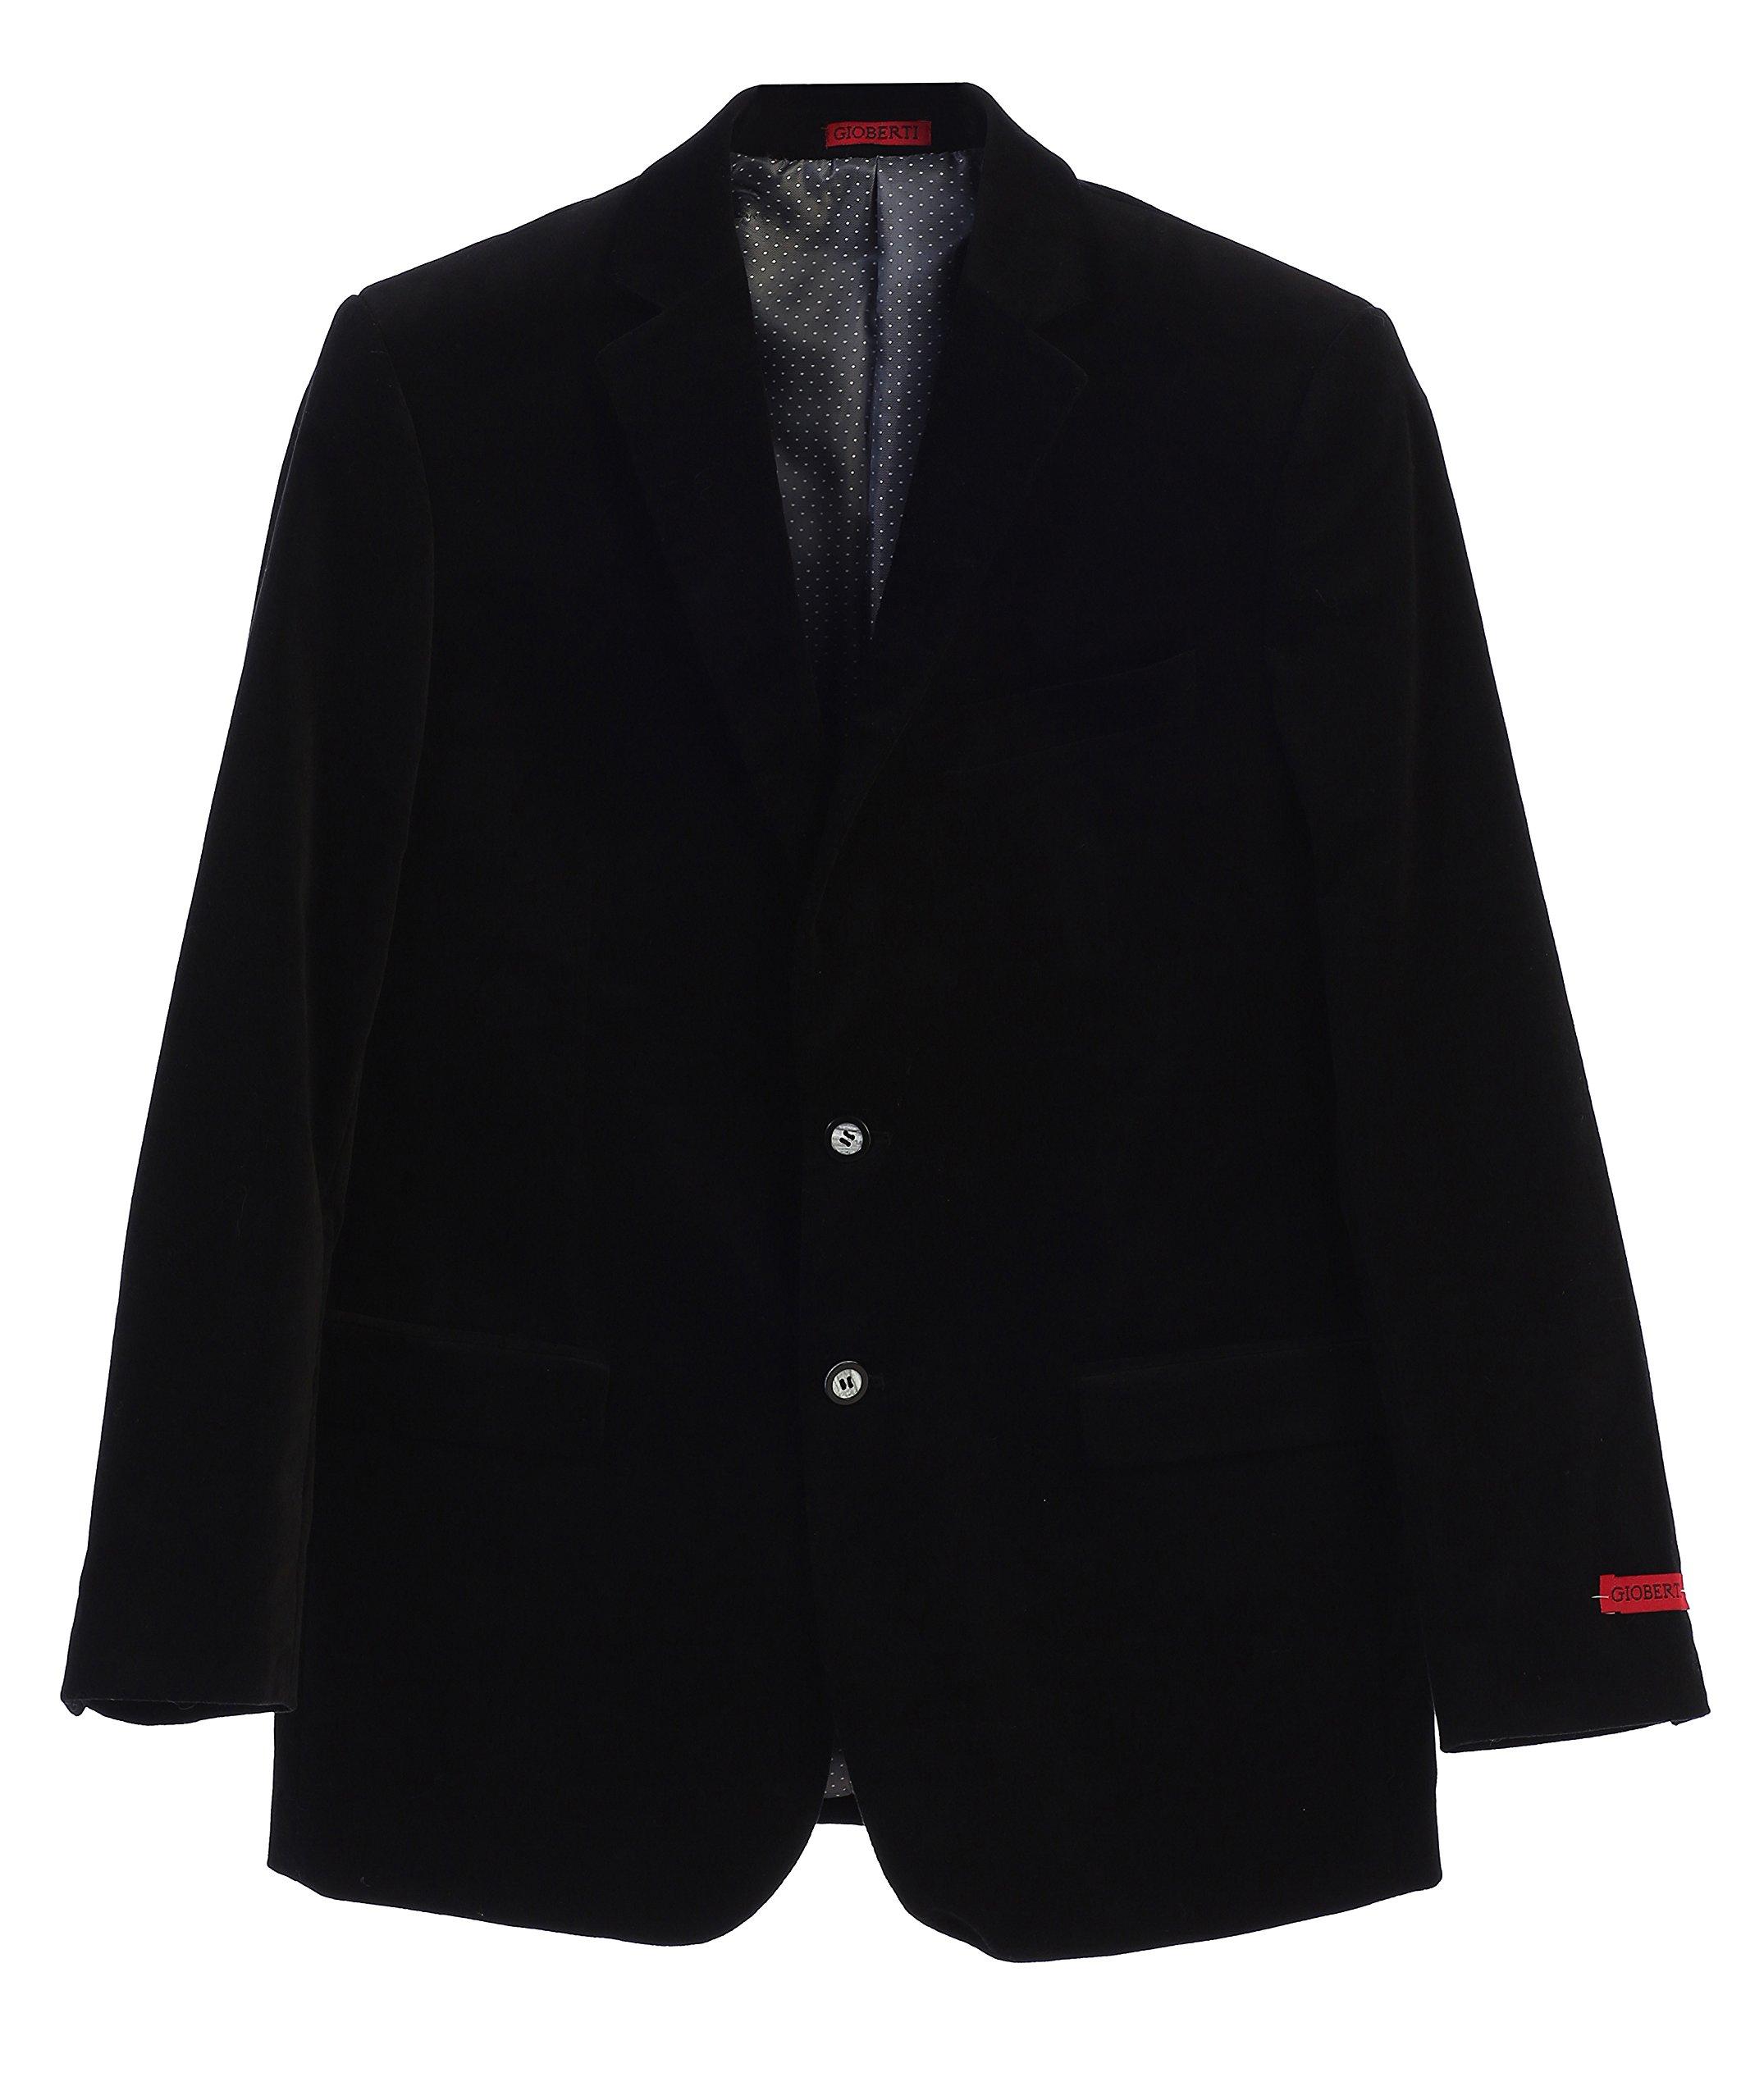 Gioberti Mens Velvet Blazer Jacket, Black, 44 Regular